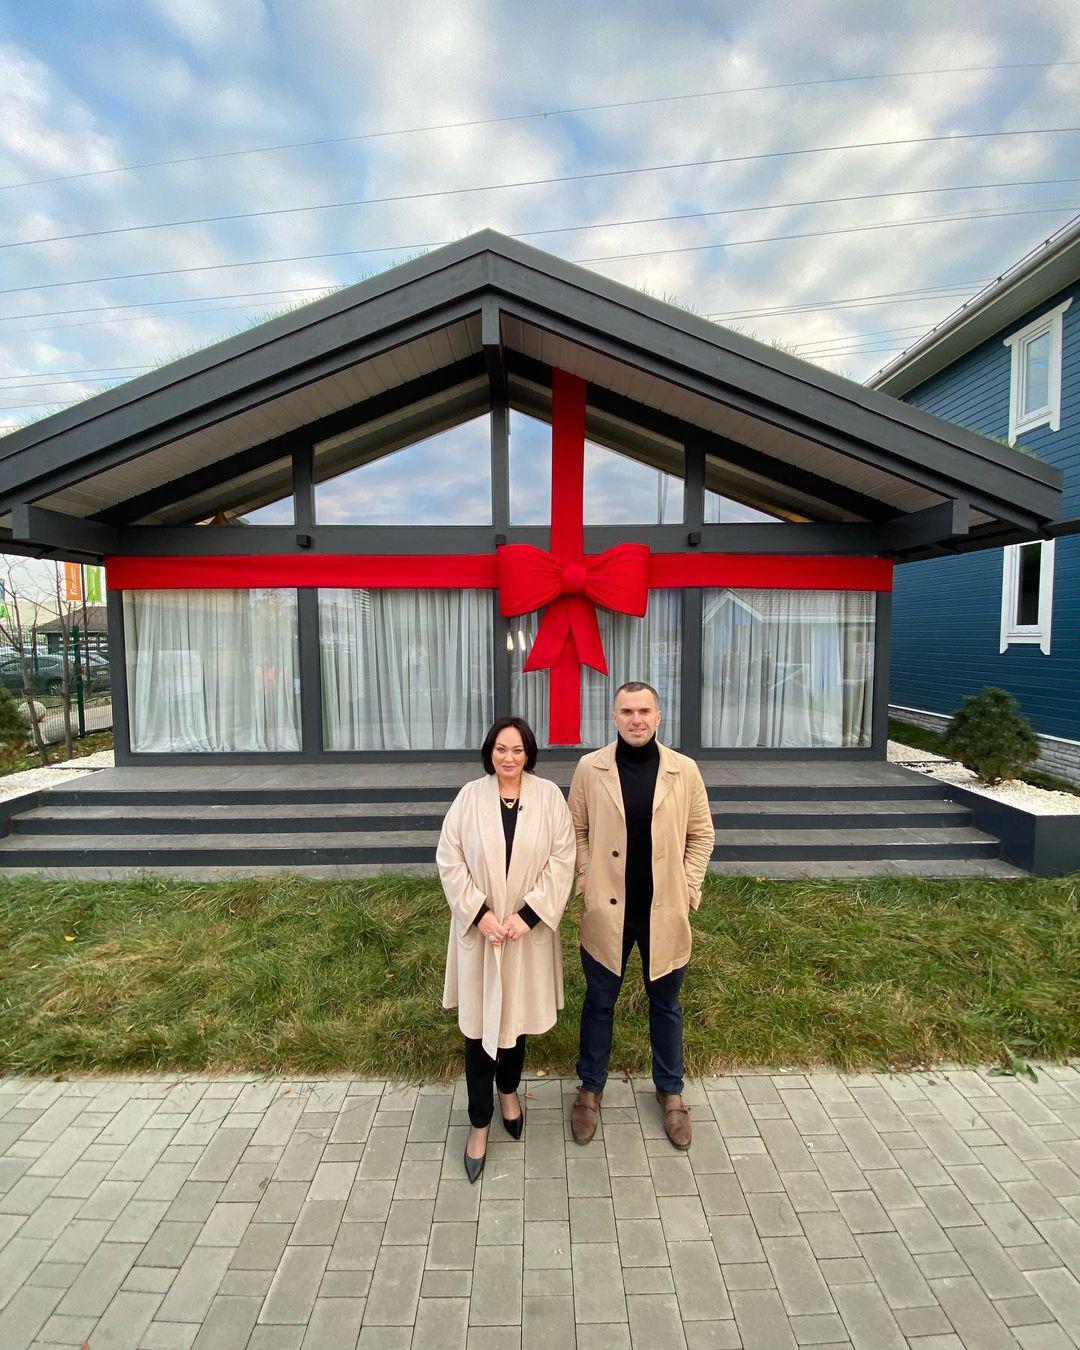 Иван Бакуров и Лариса Гузеева на фоне разыгрываемого дома